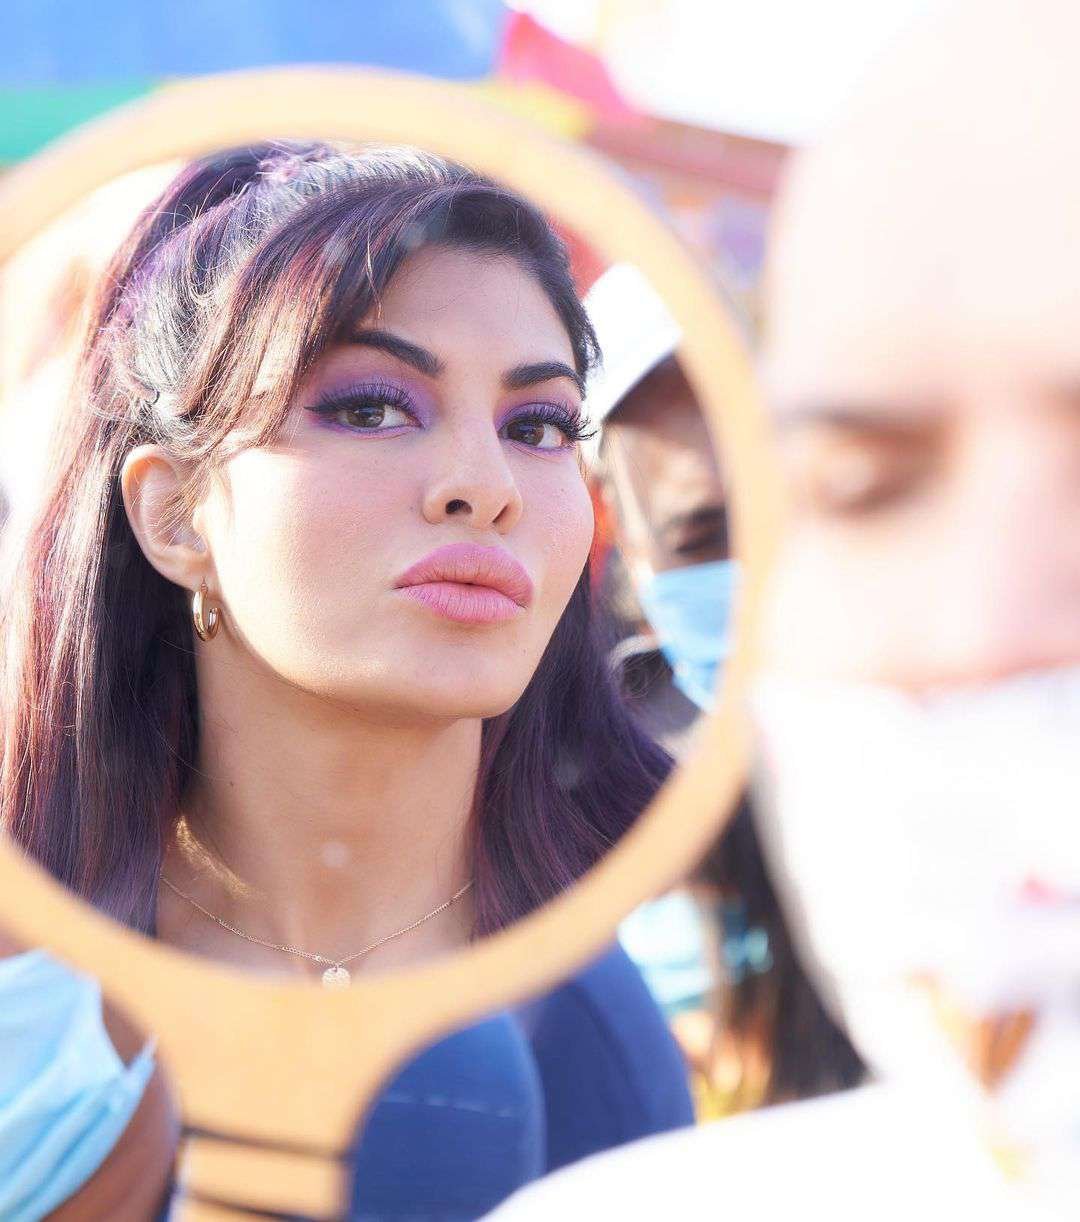 عکس بازیگر هندی ژاکلین فرناندز 2021